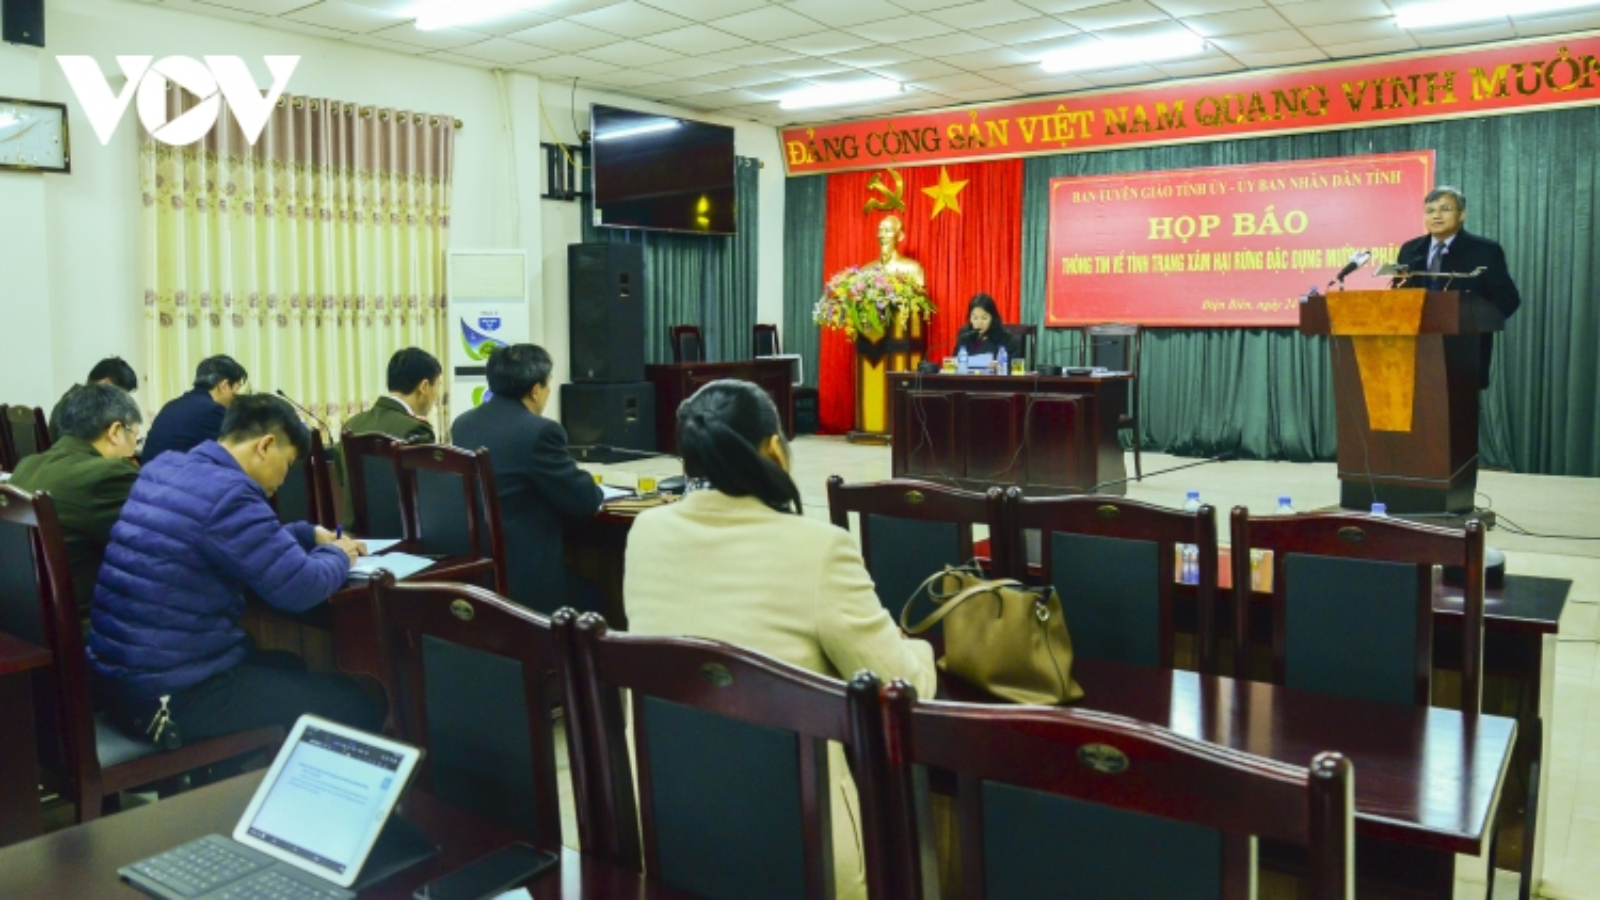 Họp báo thông tin về xâm hại rừng đặc dụng Mường Phăng, Điện Biên